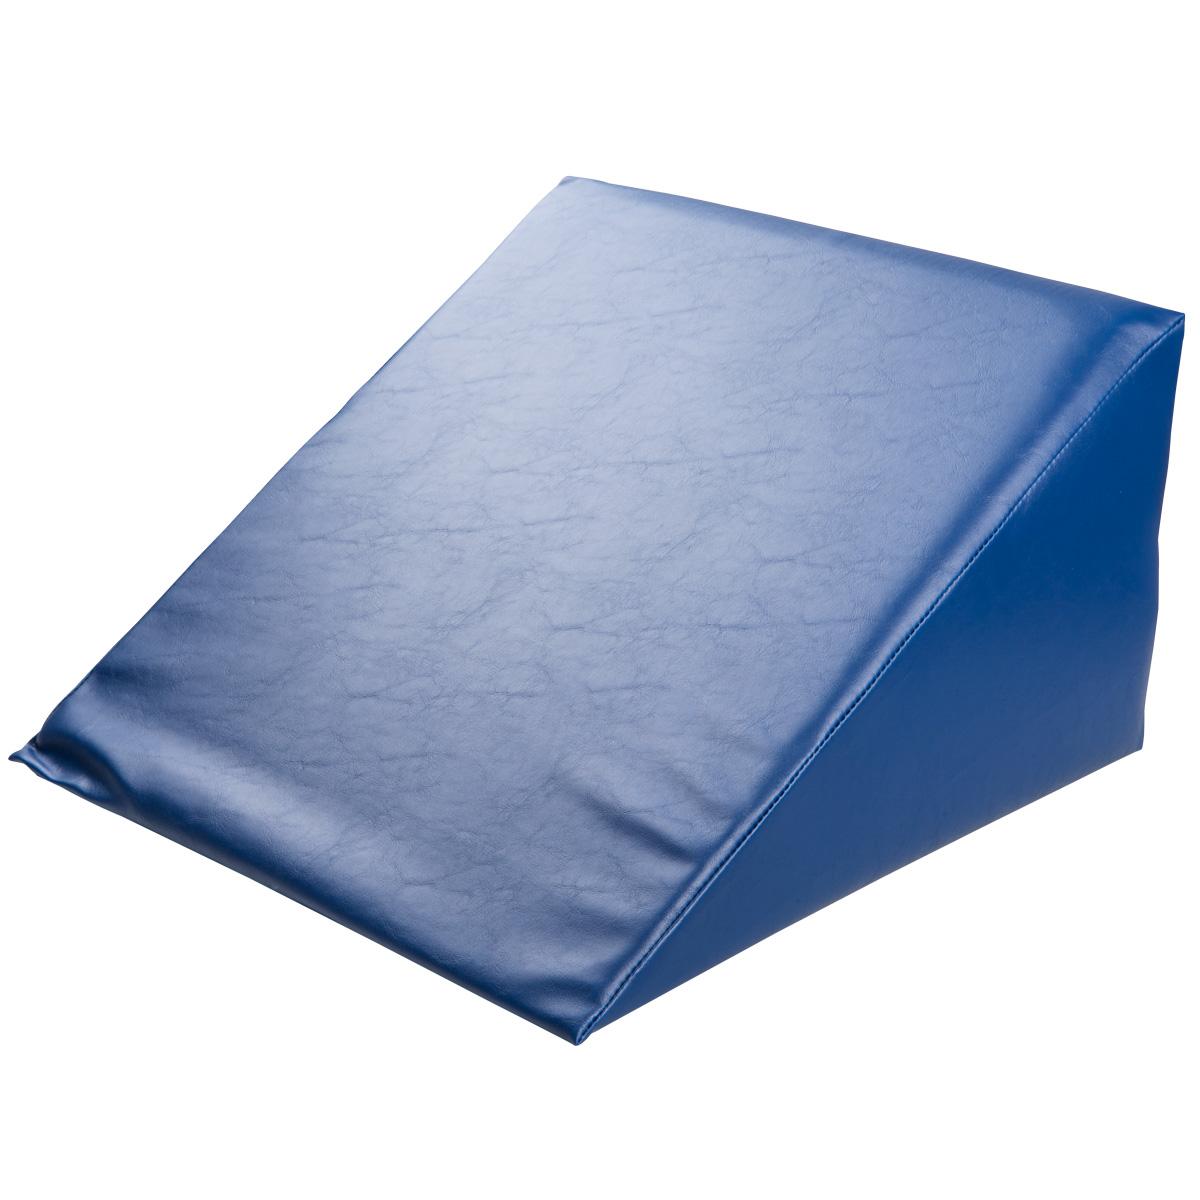 coussin de r ducation cale grand mod le 1004999 w15099db coussins rouleaux et cales. Black Bedroom Furniture Sets. Home Design Ideas